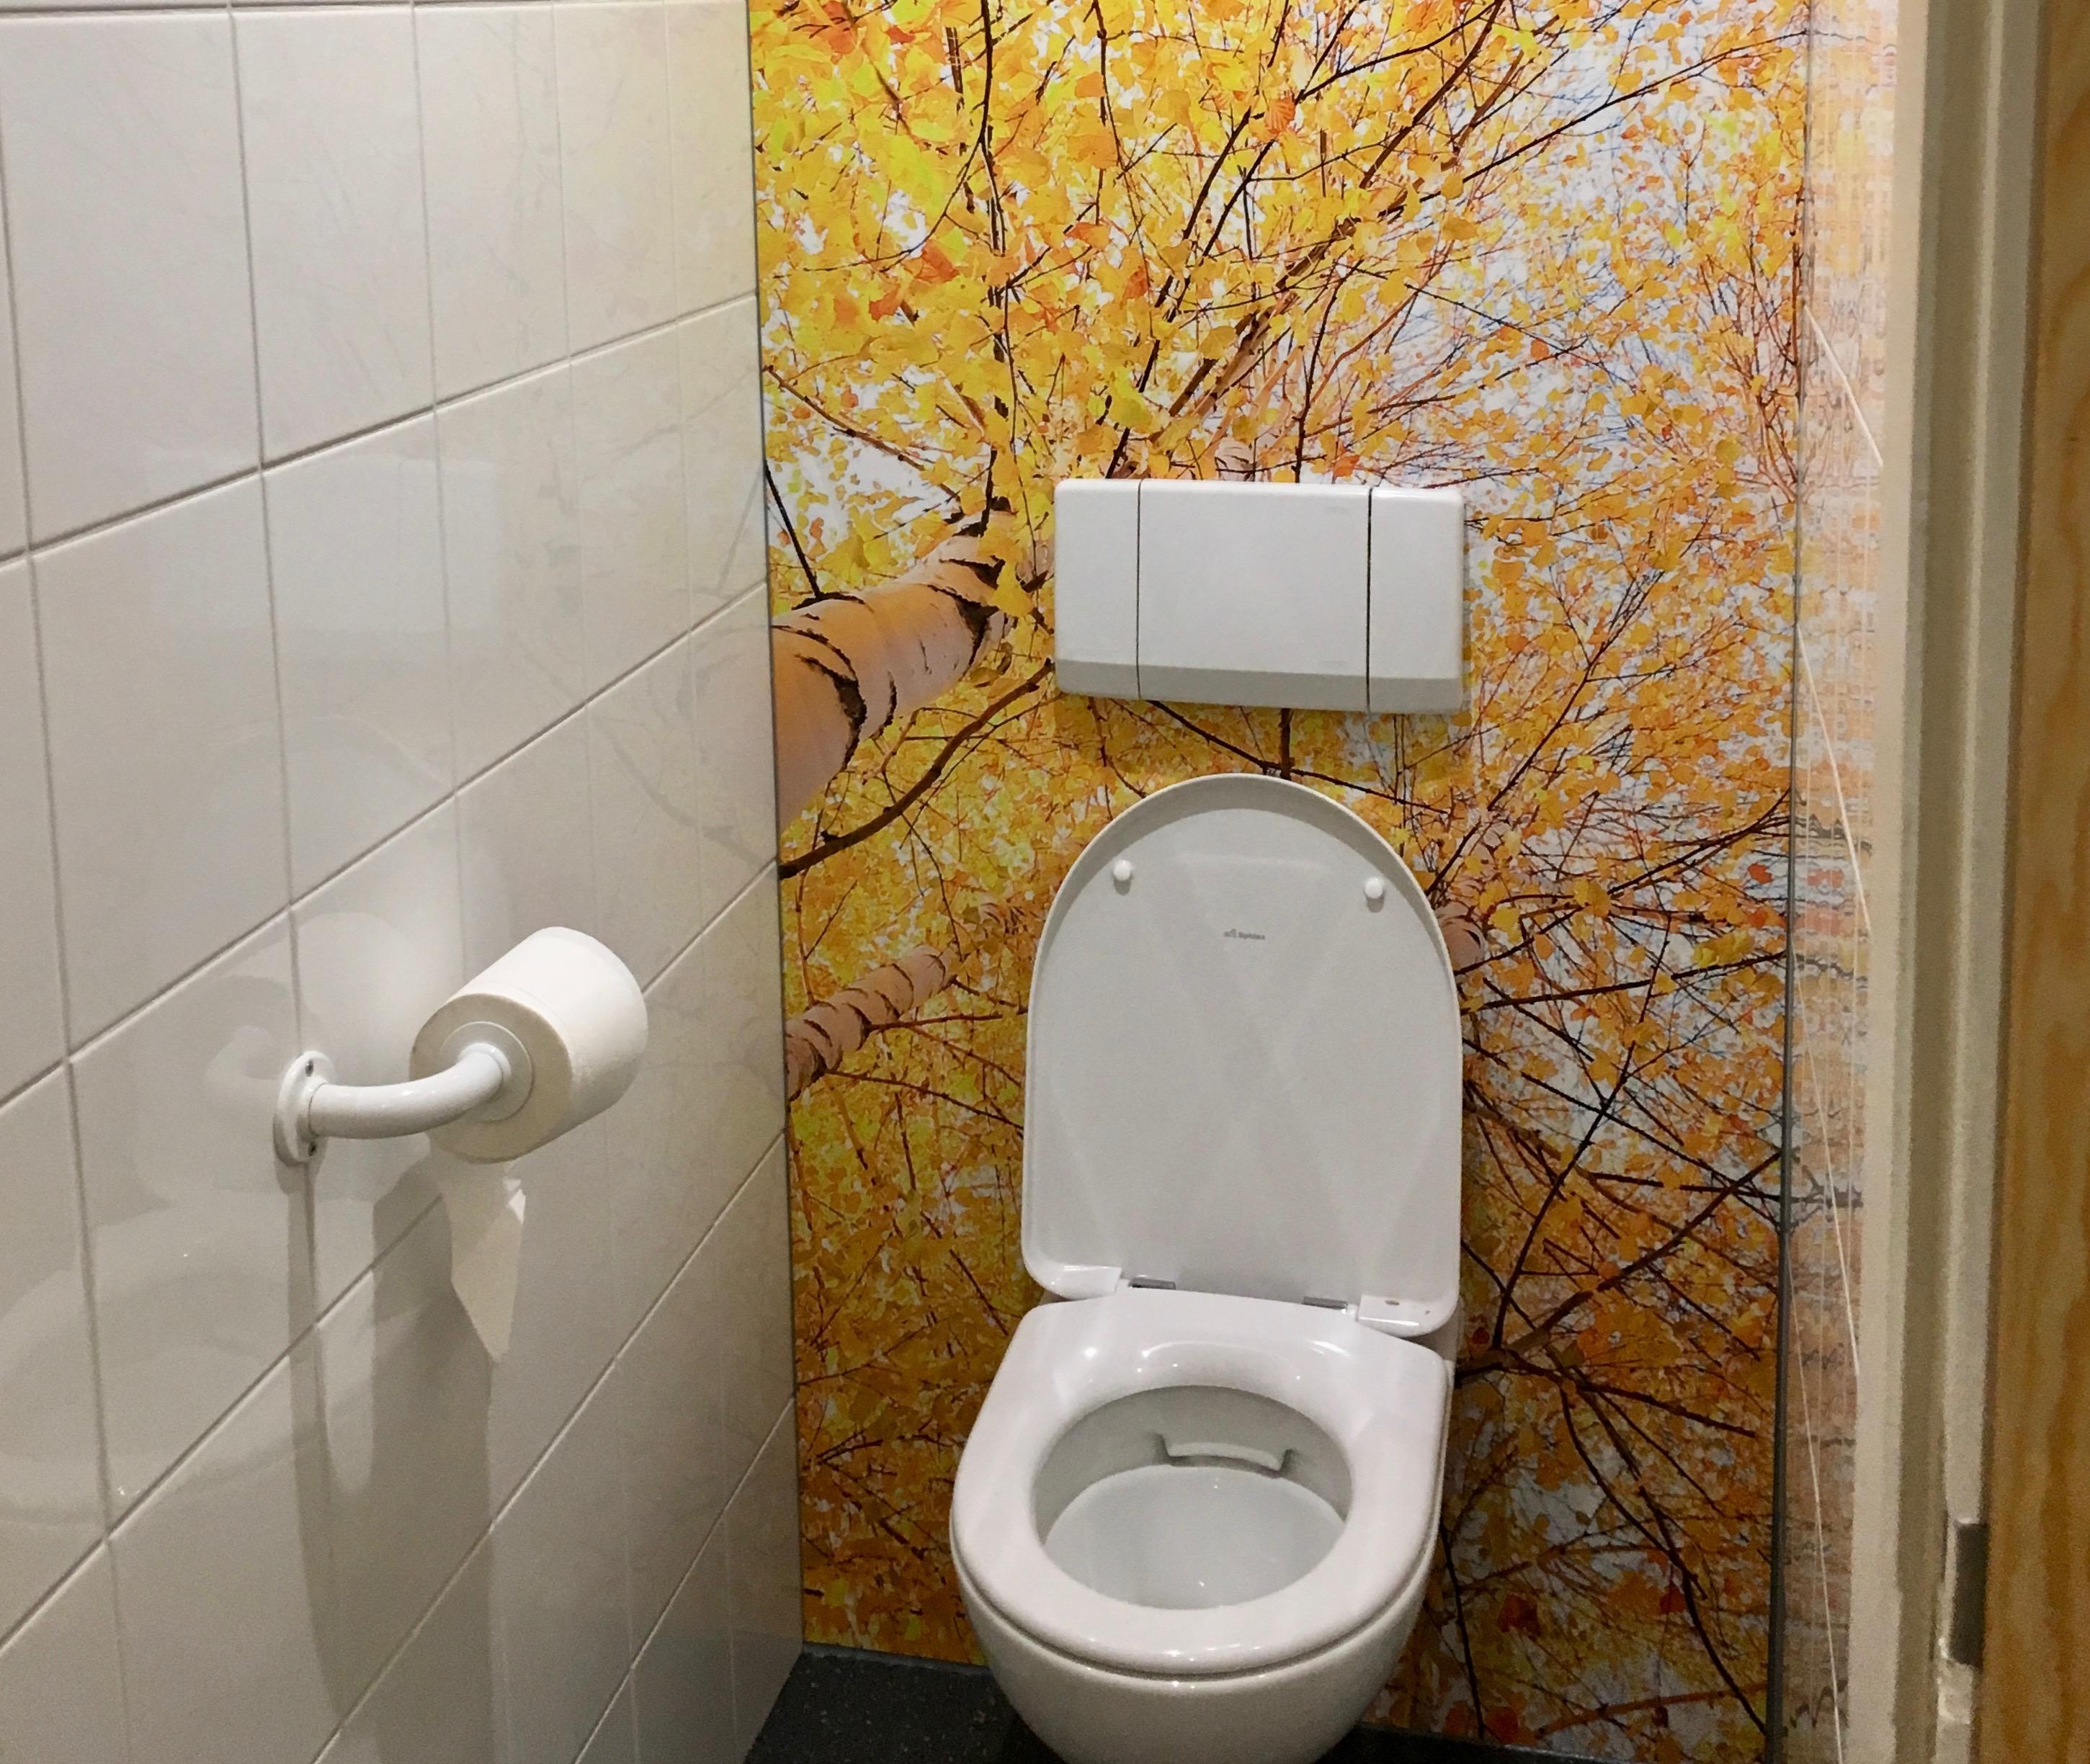 Toletto toiletten Meplax 1jpeg